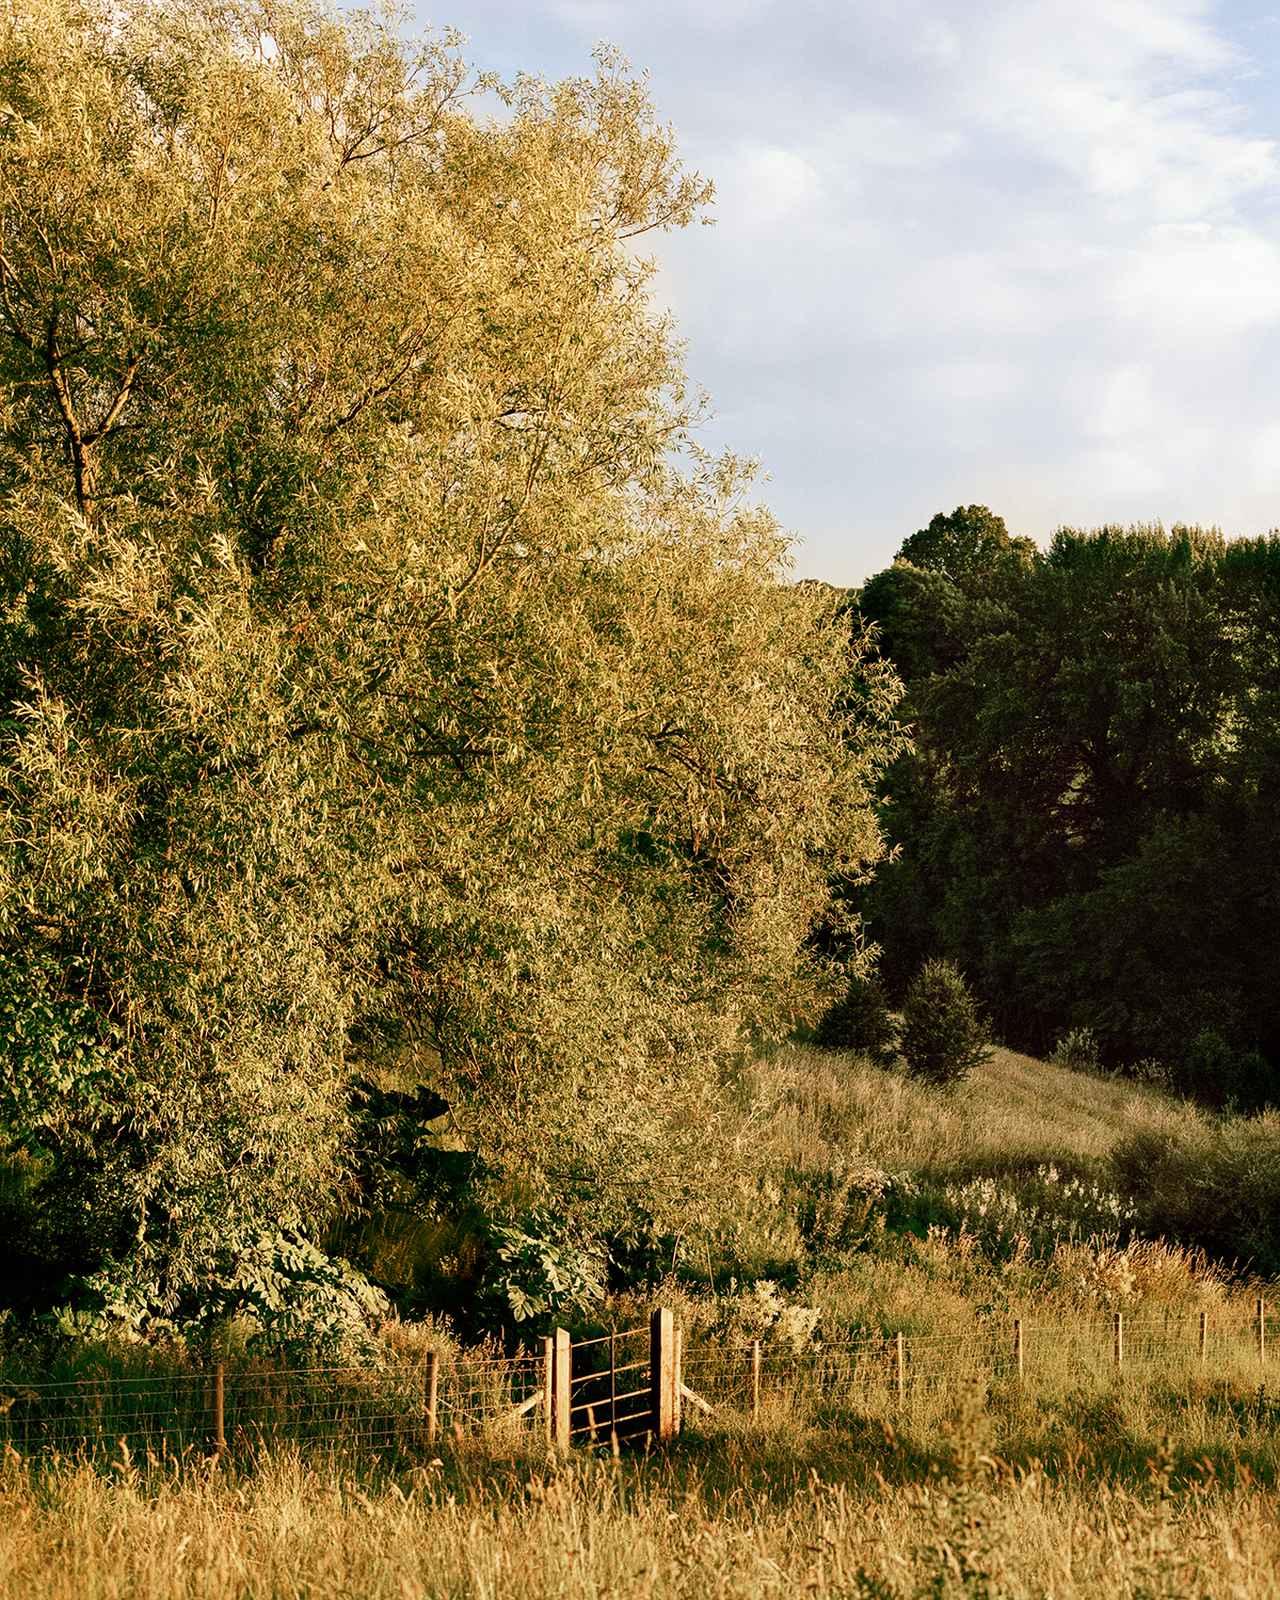 Images : 8番目の画像 - 「野花が咲き乱れ、風に揺れるーー ダン・ピアソンの自身が憩う庭」のアルバム - T JAPAN:The New York Times Style Magazine 公式サイト